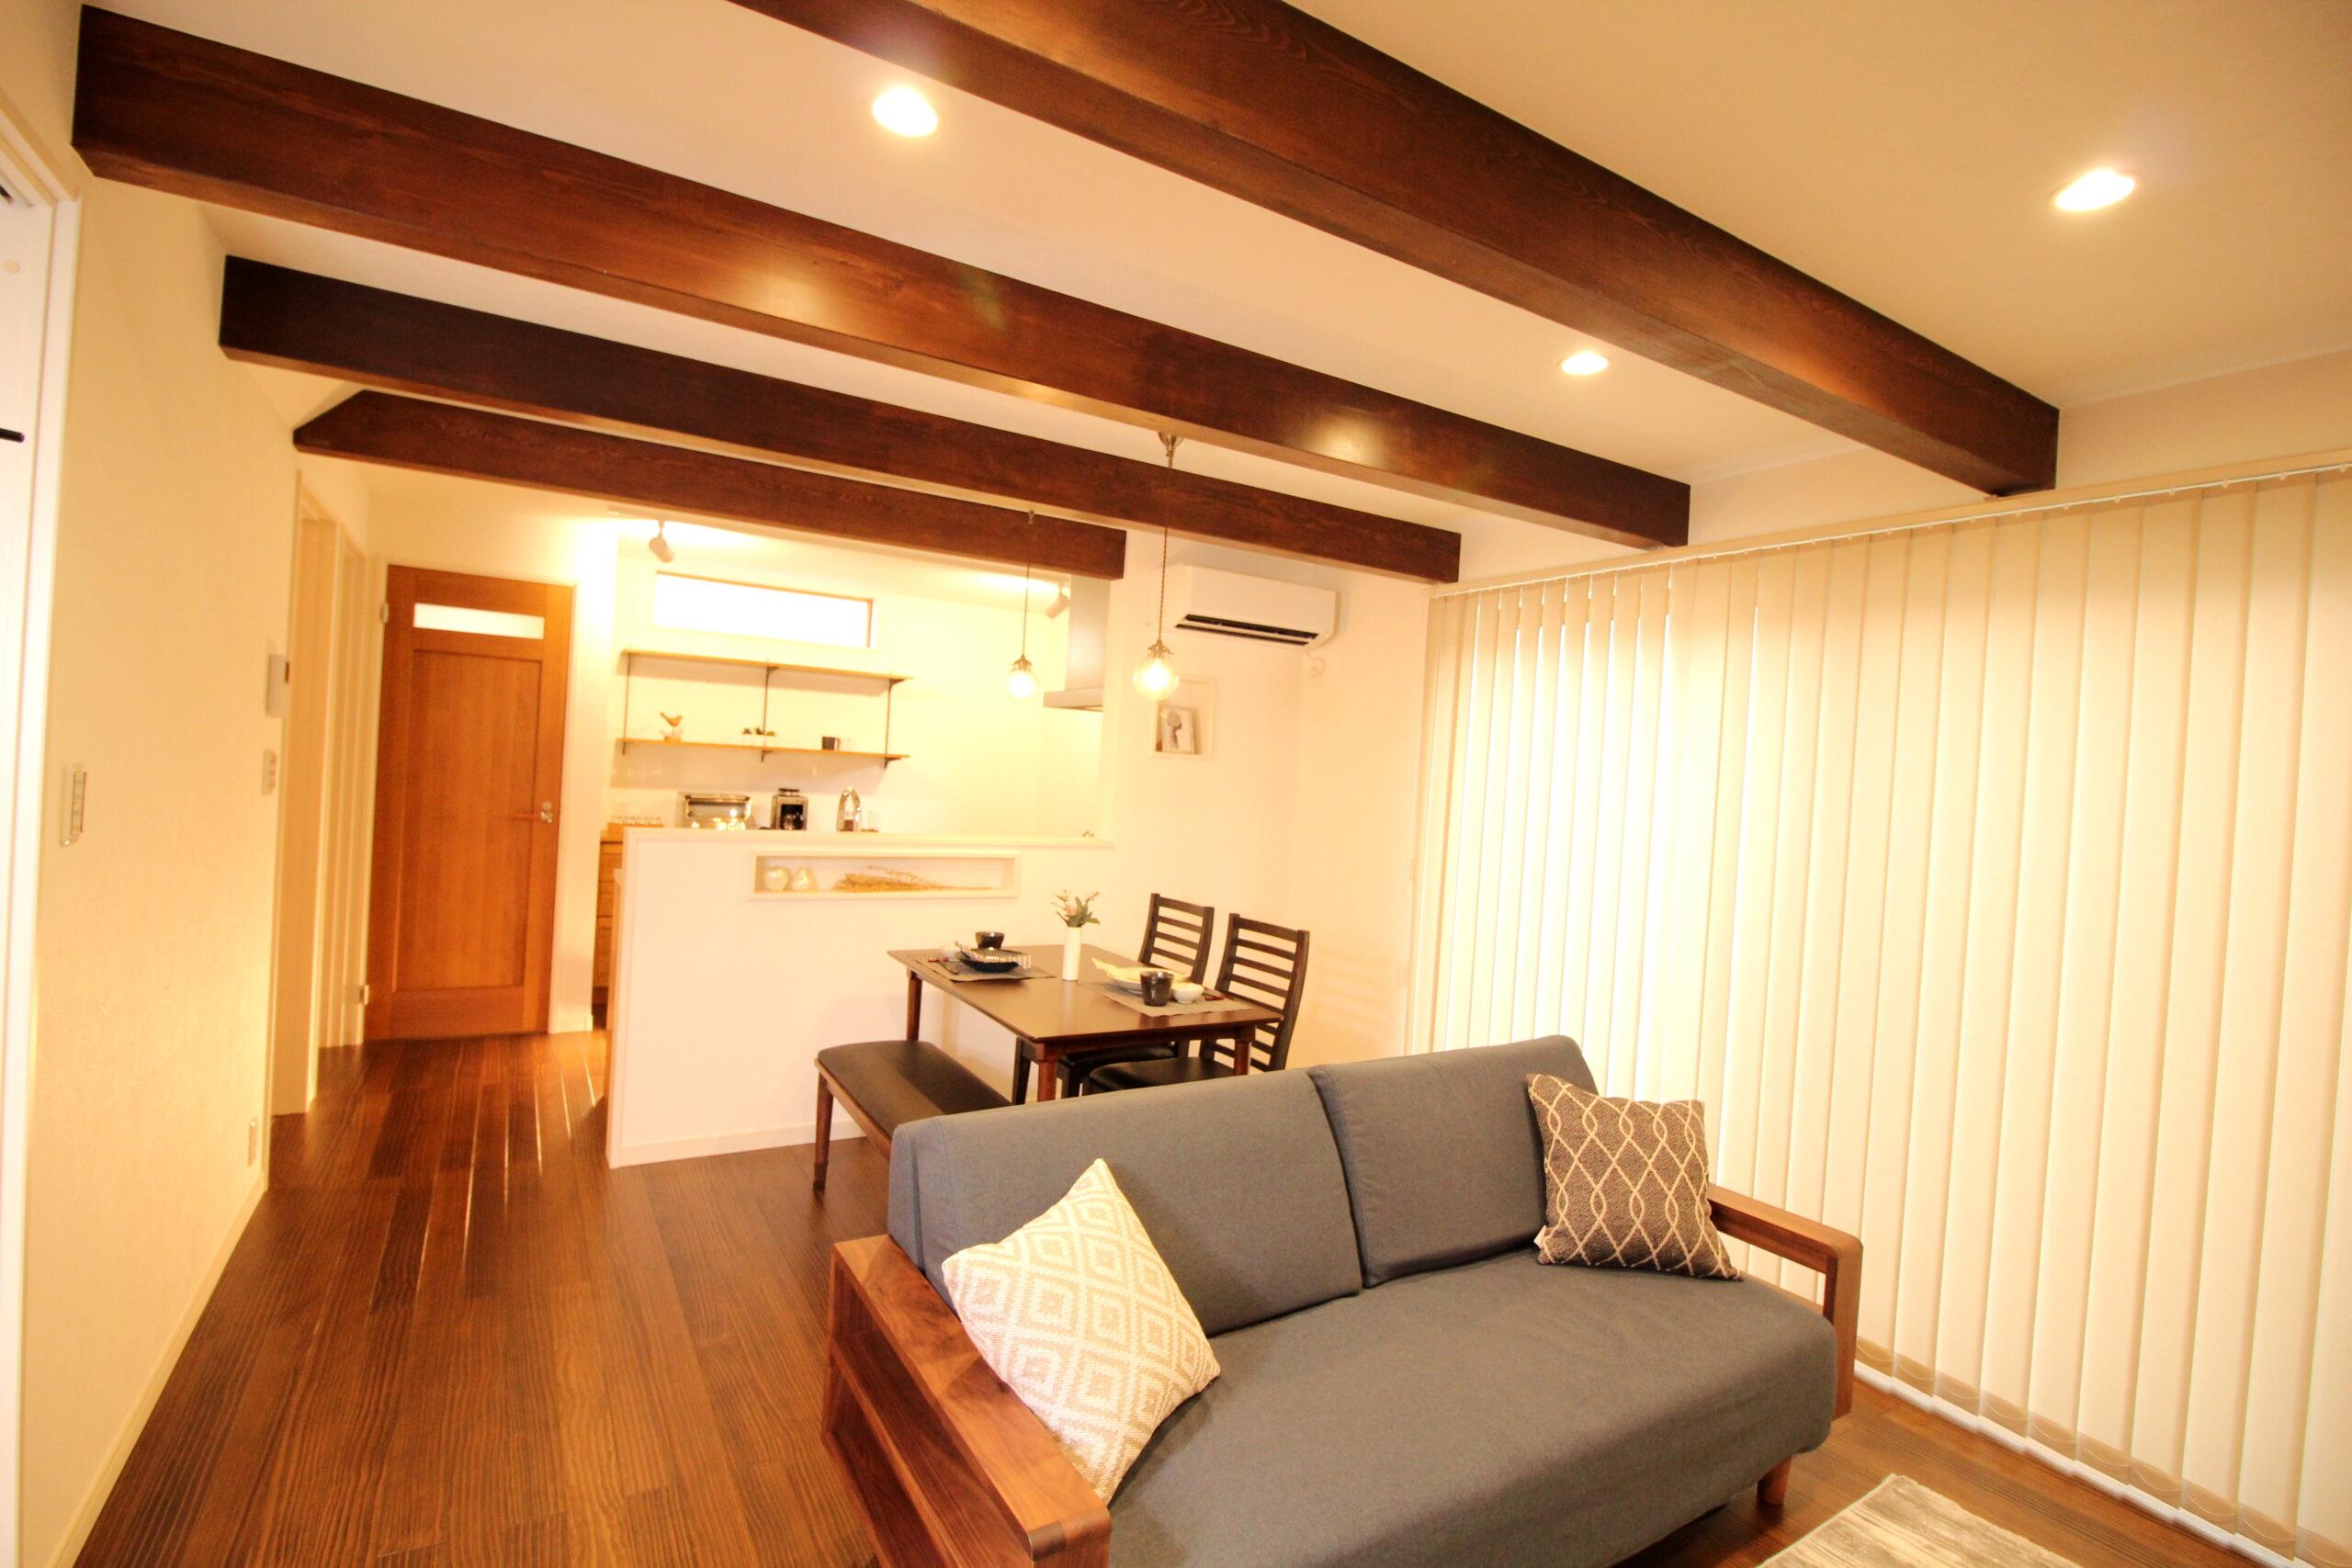 【ご来場可能なモデルハウス🏡】加古川市の築50年の一軒家を全面リノベーション!8